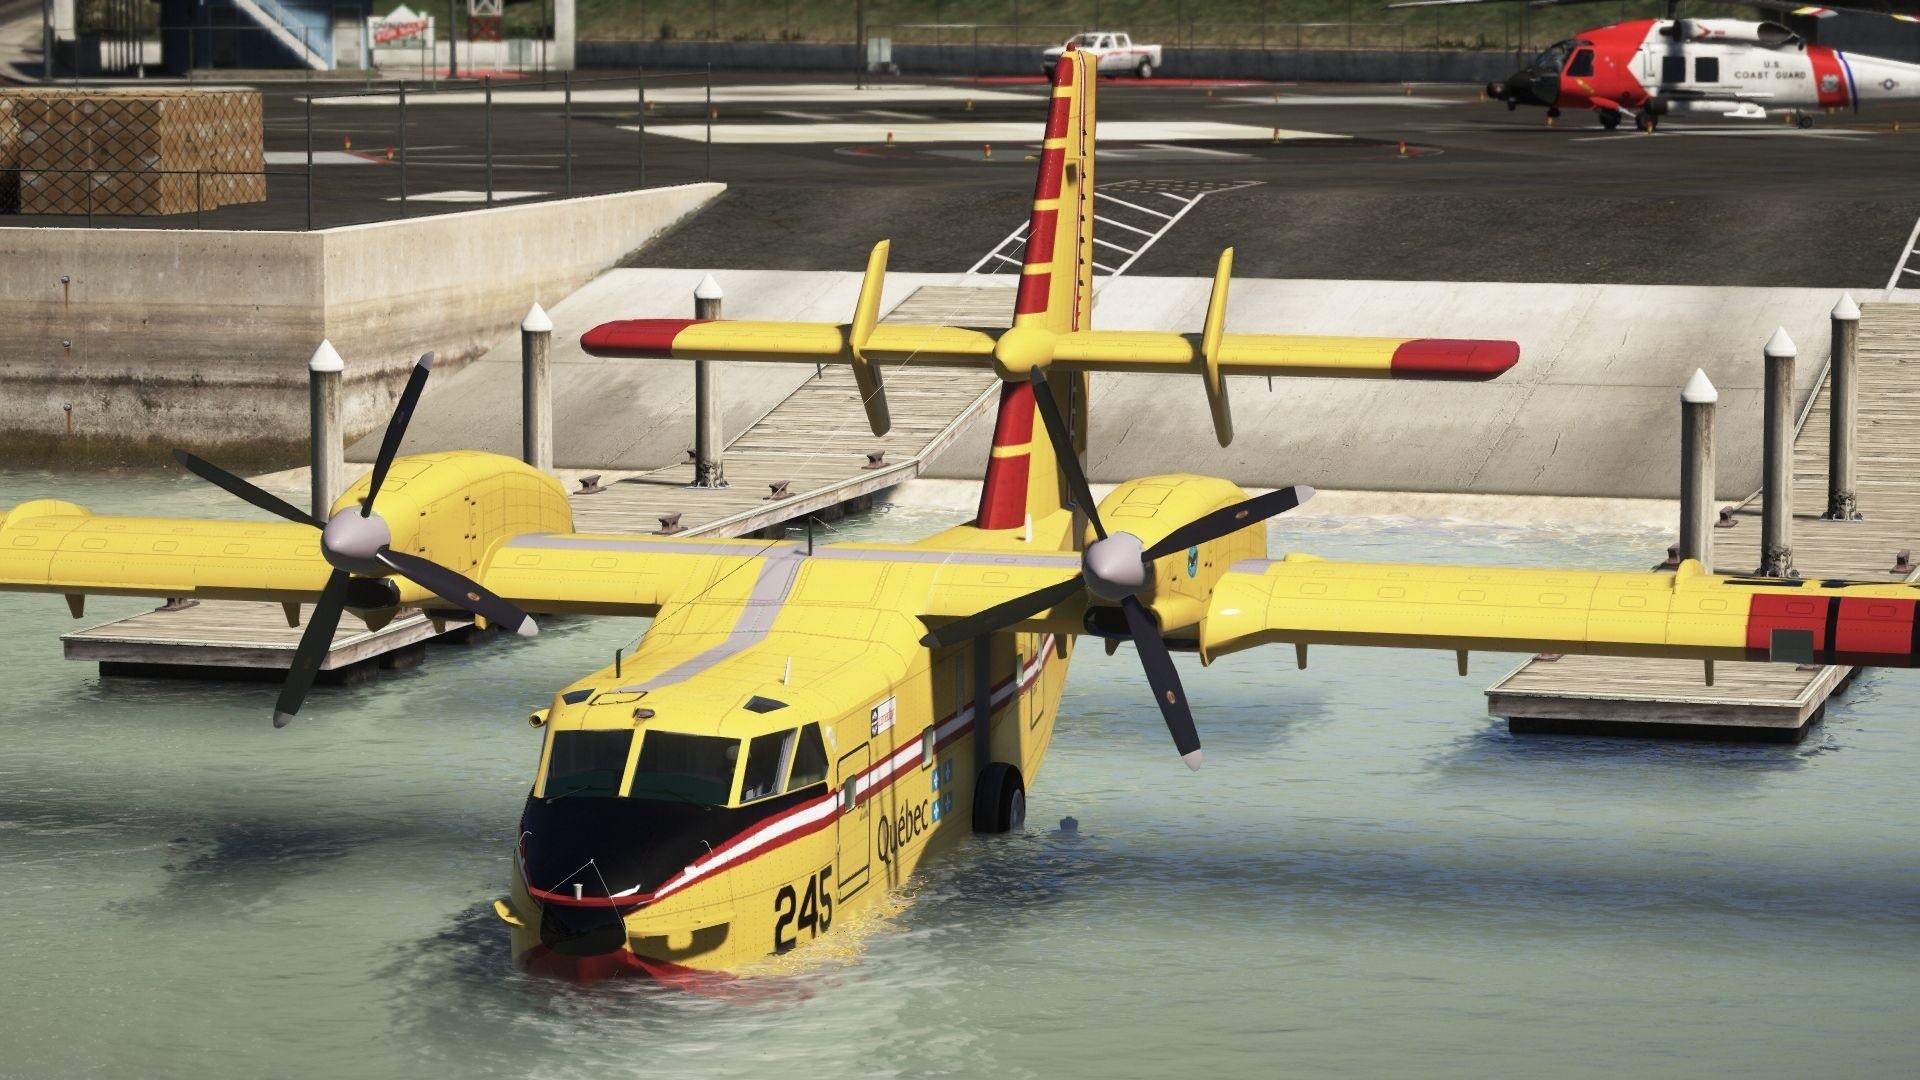 Обои амфибия, Bombardier, Самолёт, Вода. Авиация foto 19